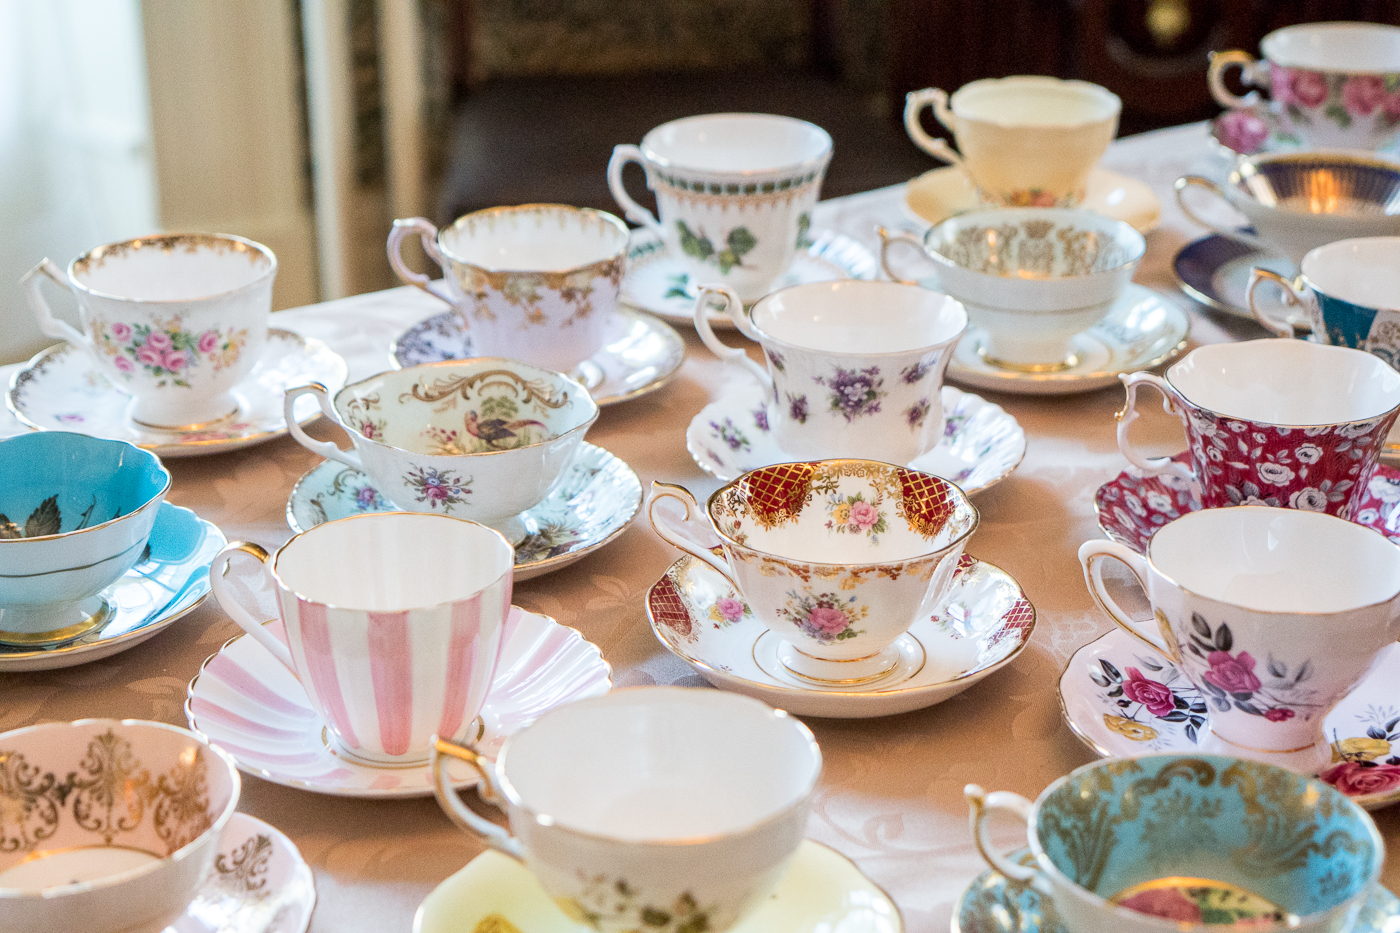 Choix de tasse pour le service de thé comme chez les Anglais